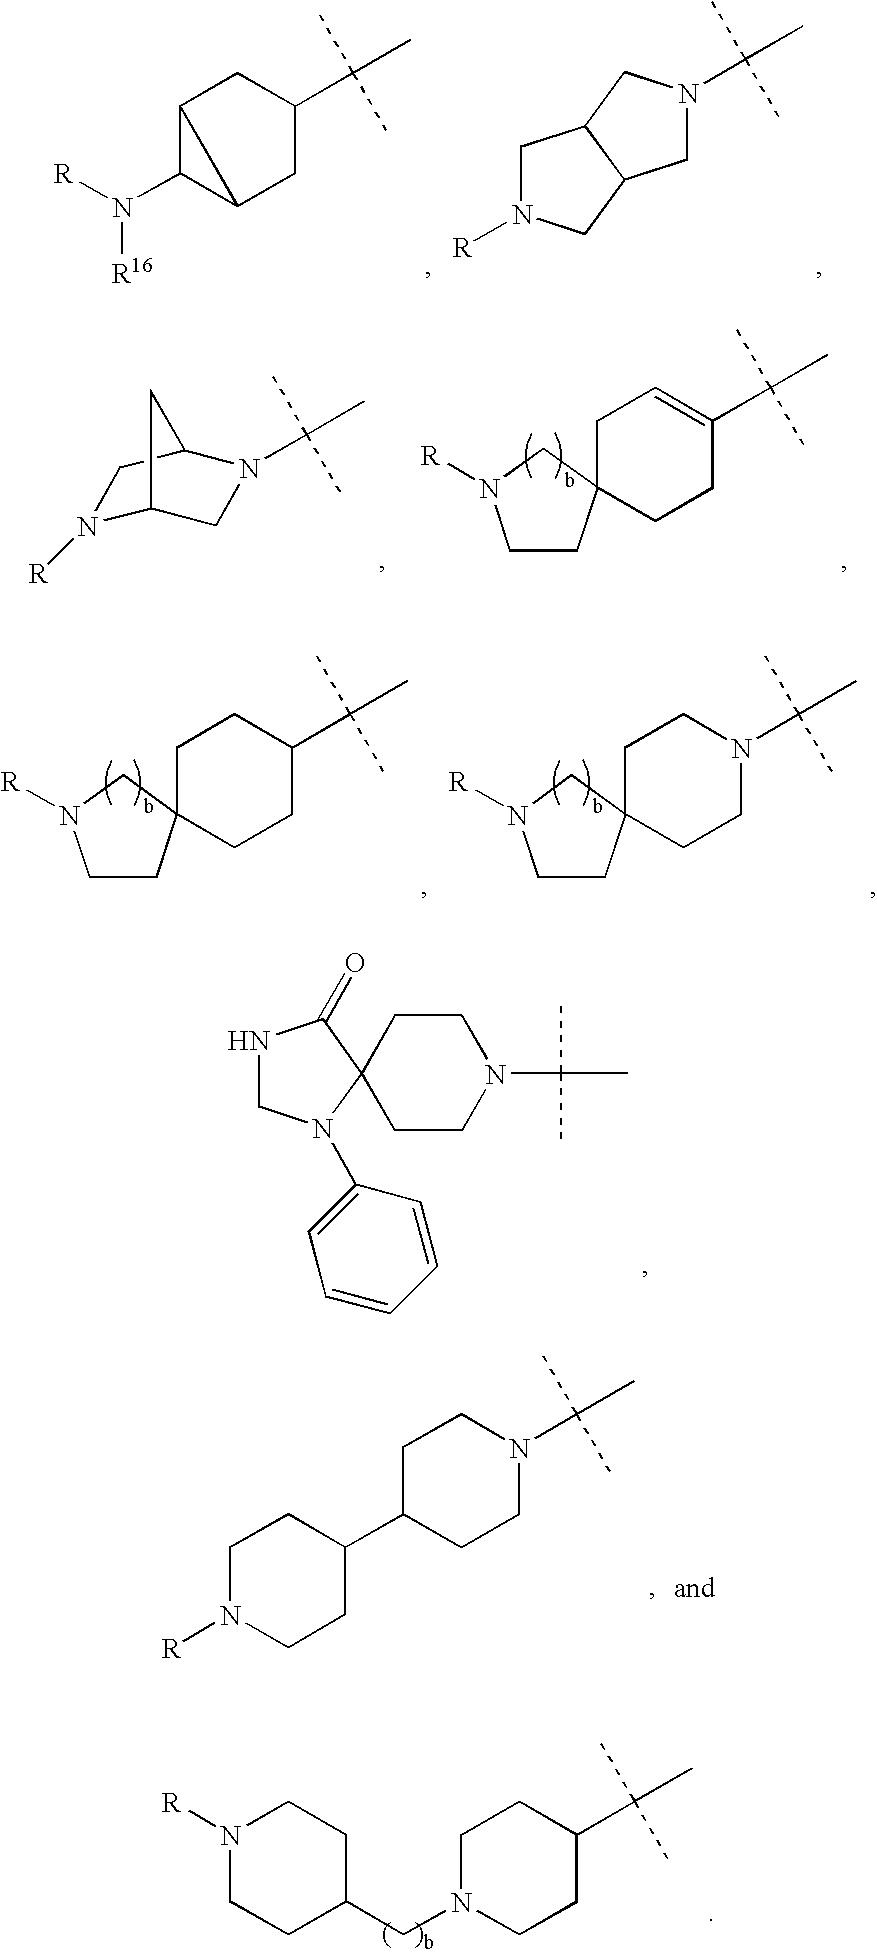 Figure US20050234033A1-20051020-C00102